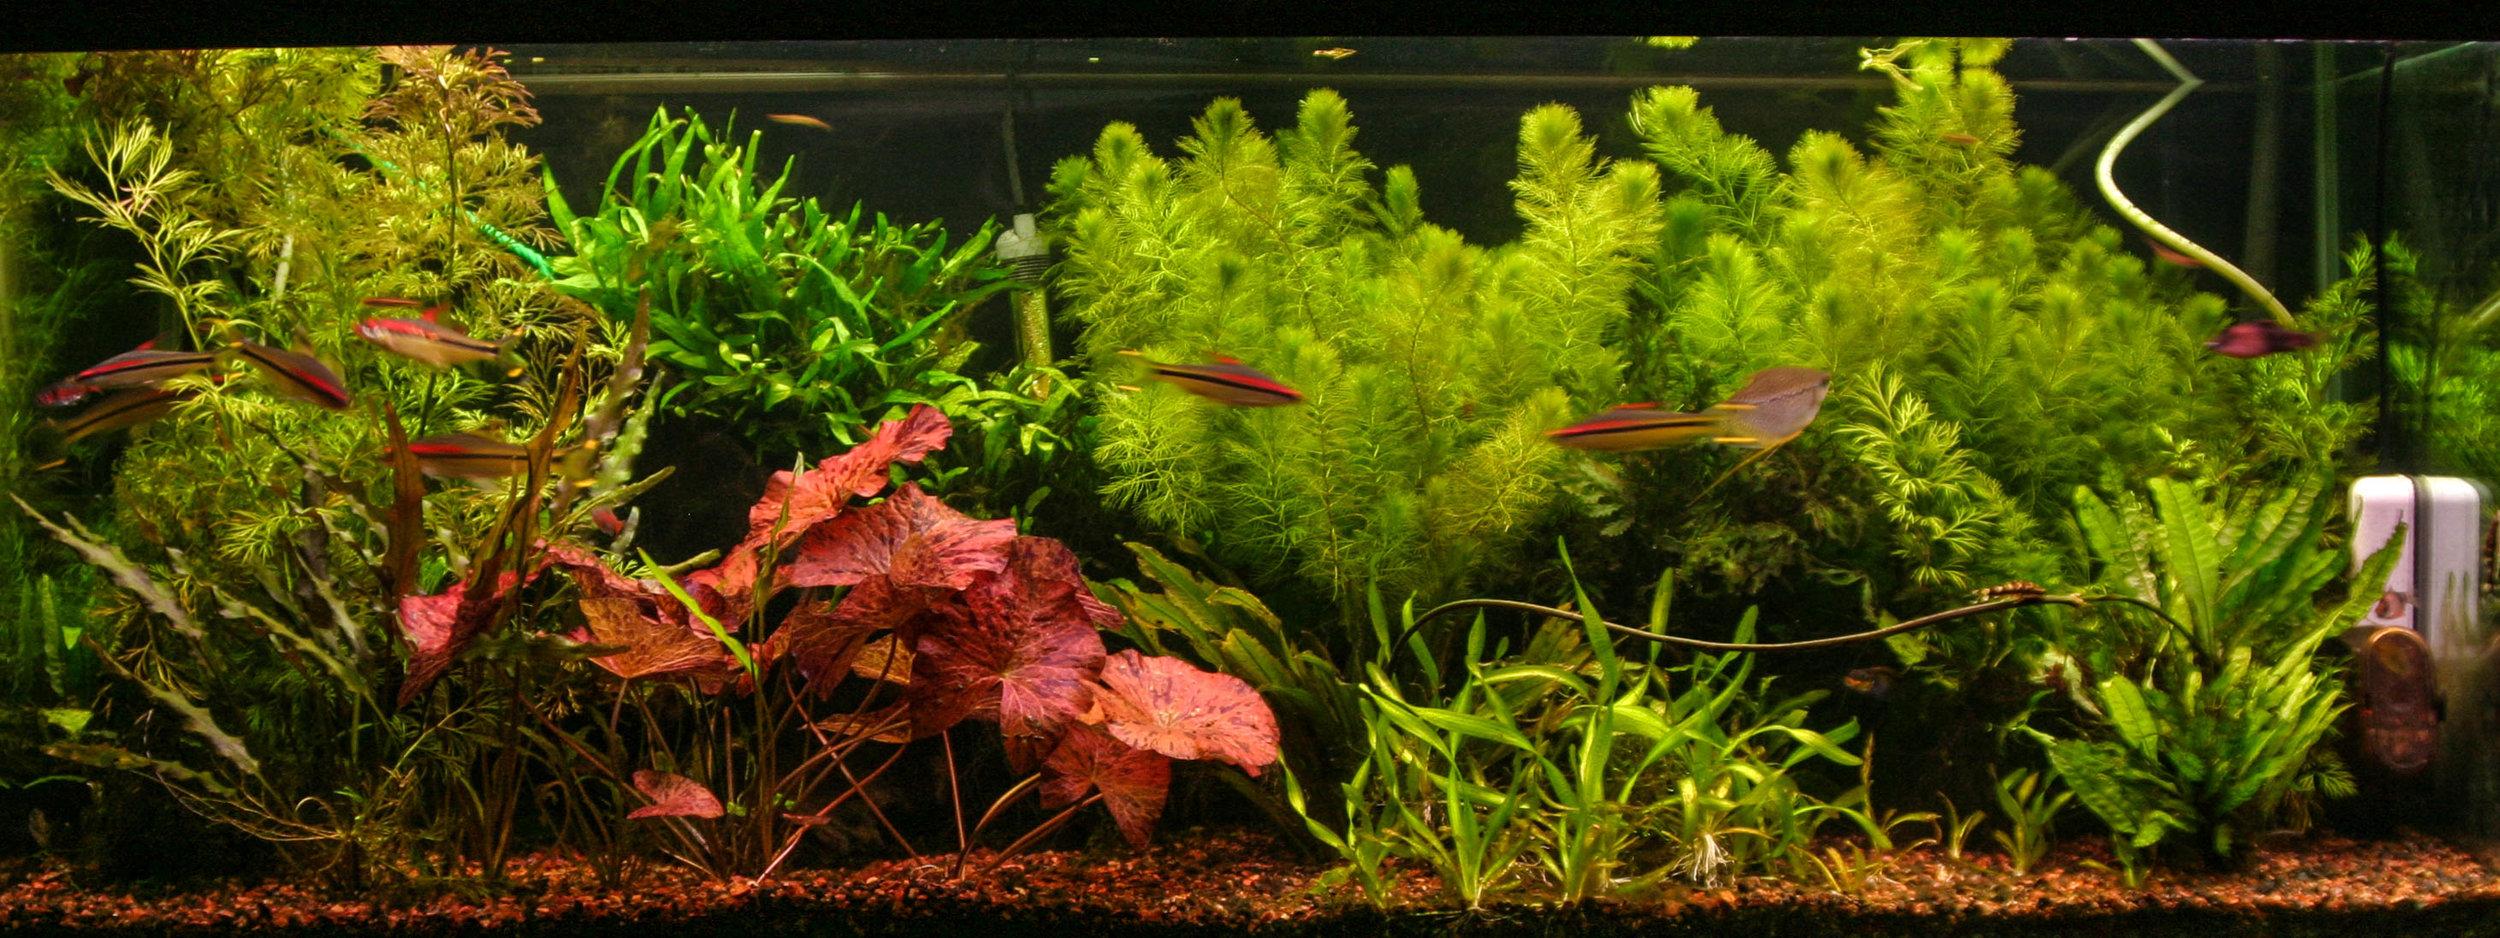 Myriophyllum mattogrosense 2 (1 of 1).jpg